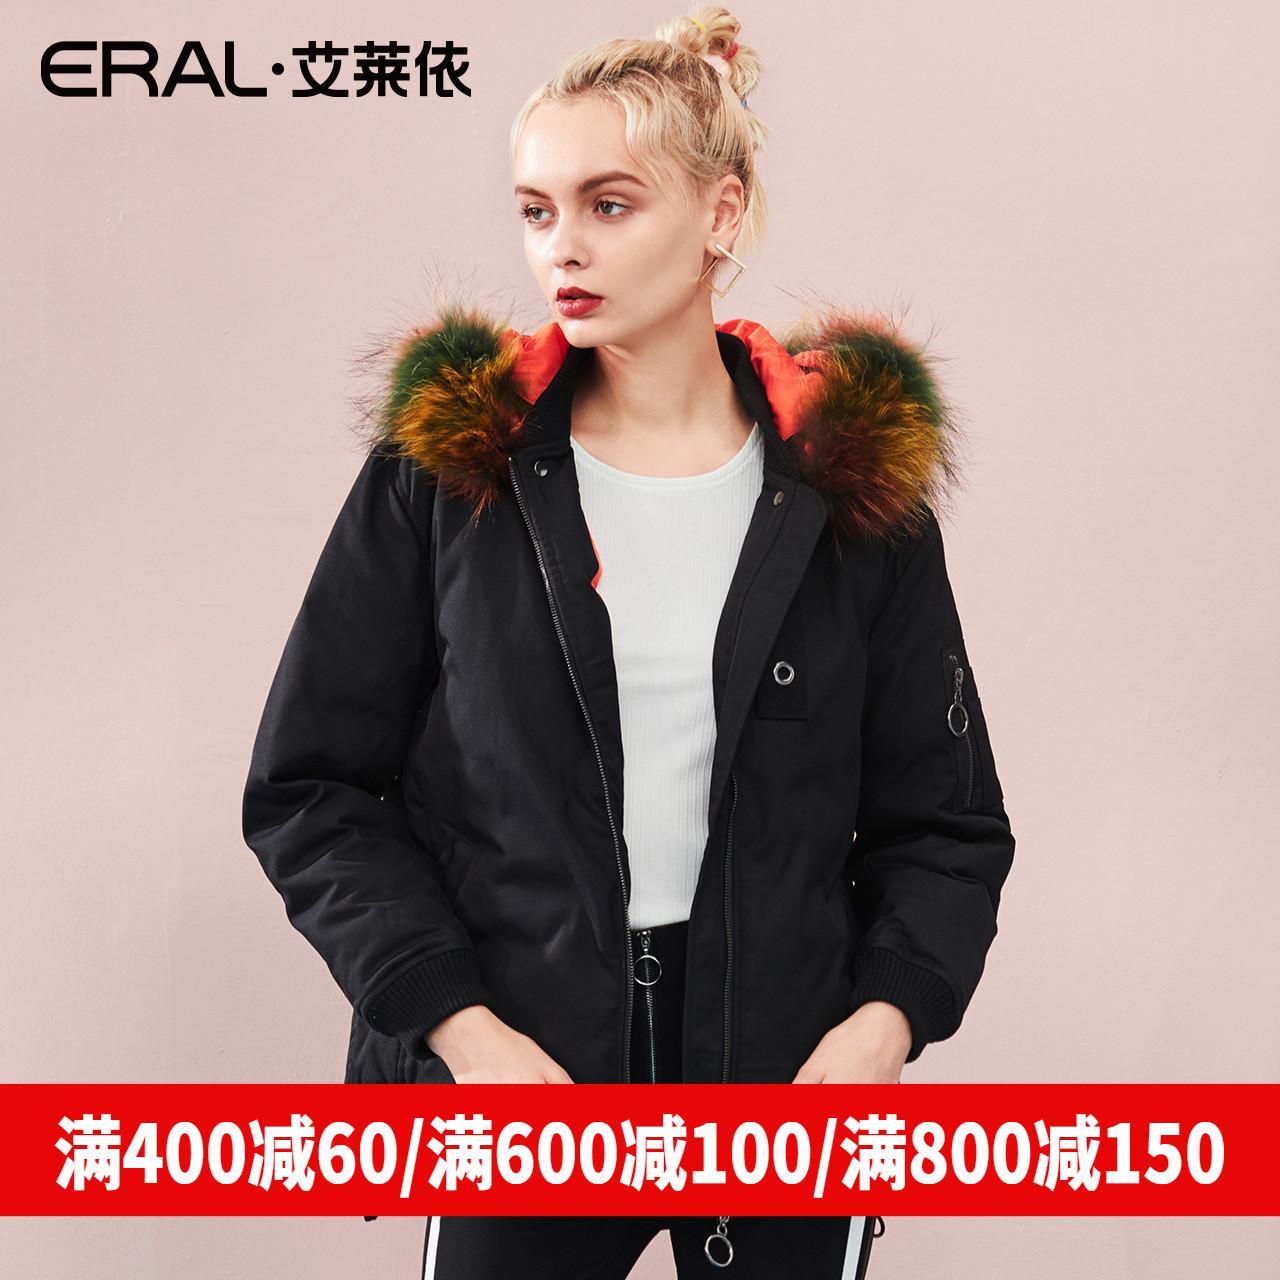 艾莱依2018冬装新款正品女士羽绒服短款绣花大毛领外衣617102063